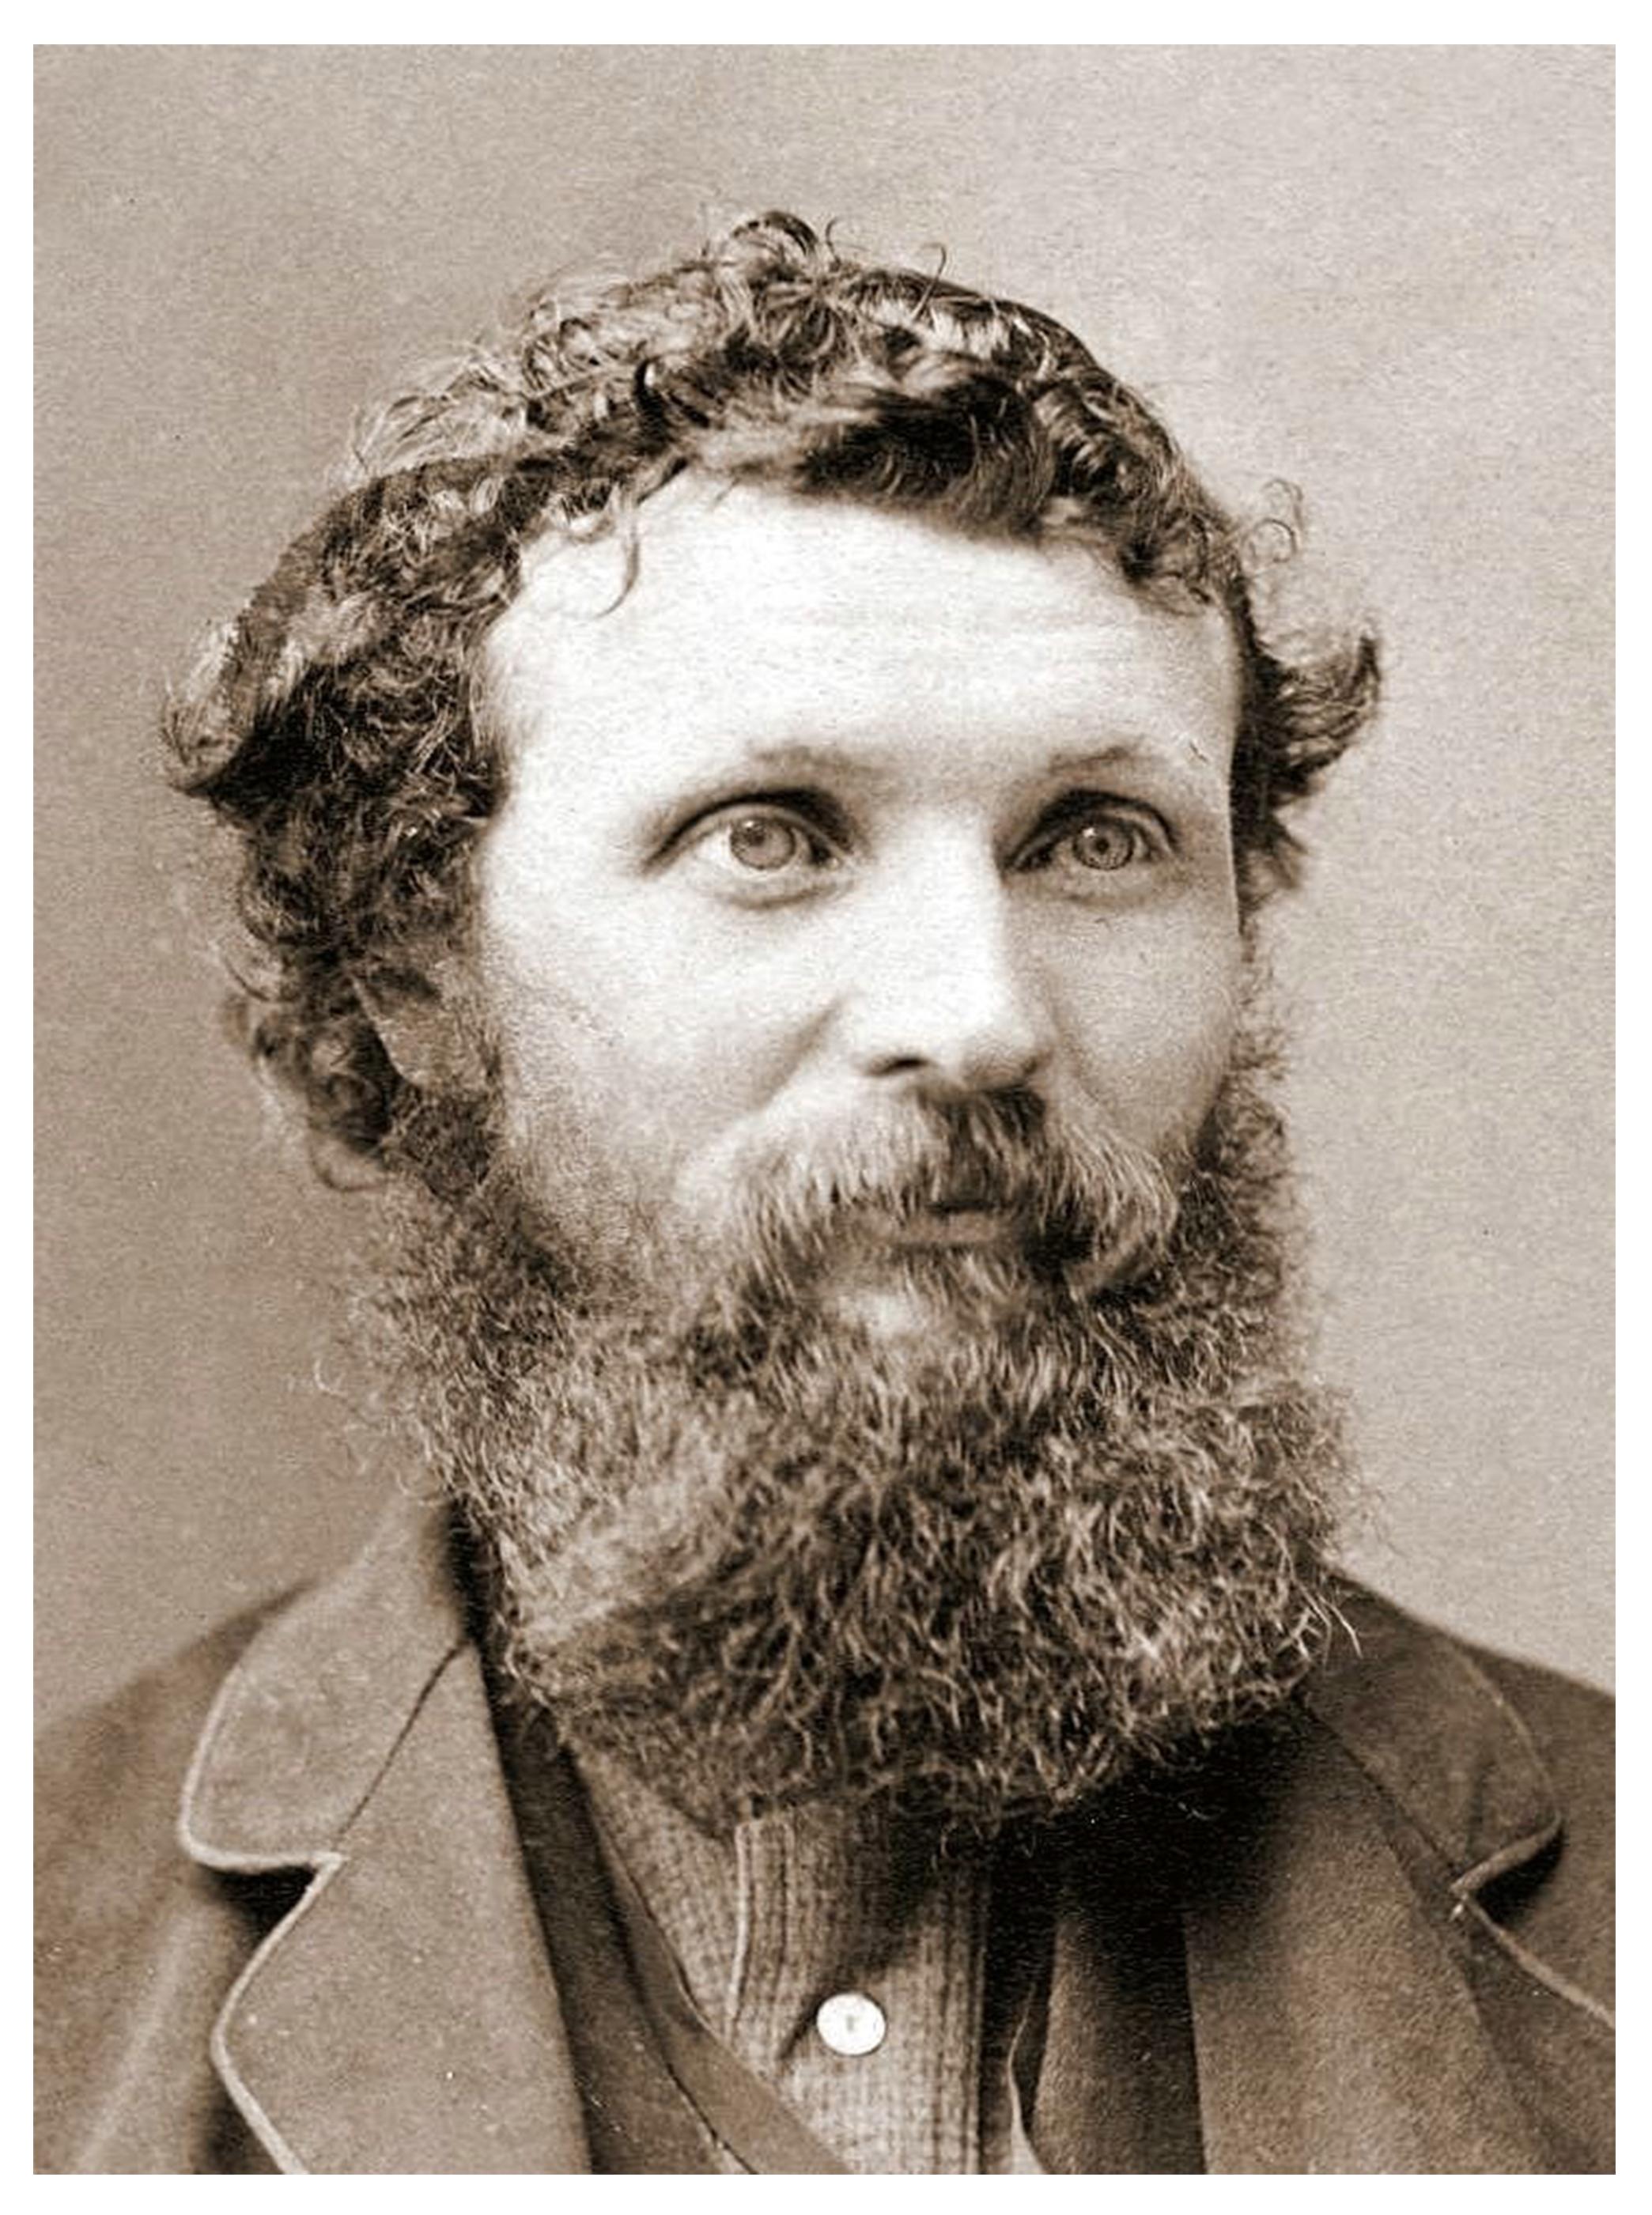 Erik den Breejen,  Image No. 2